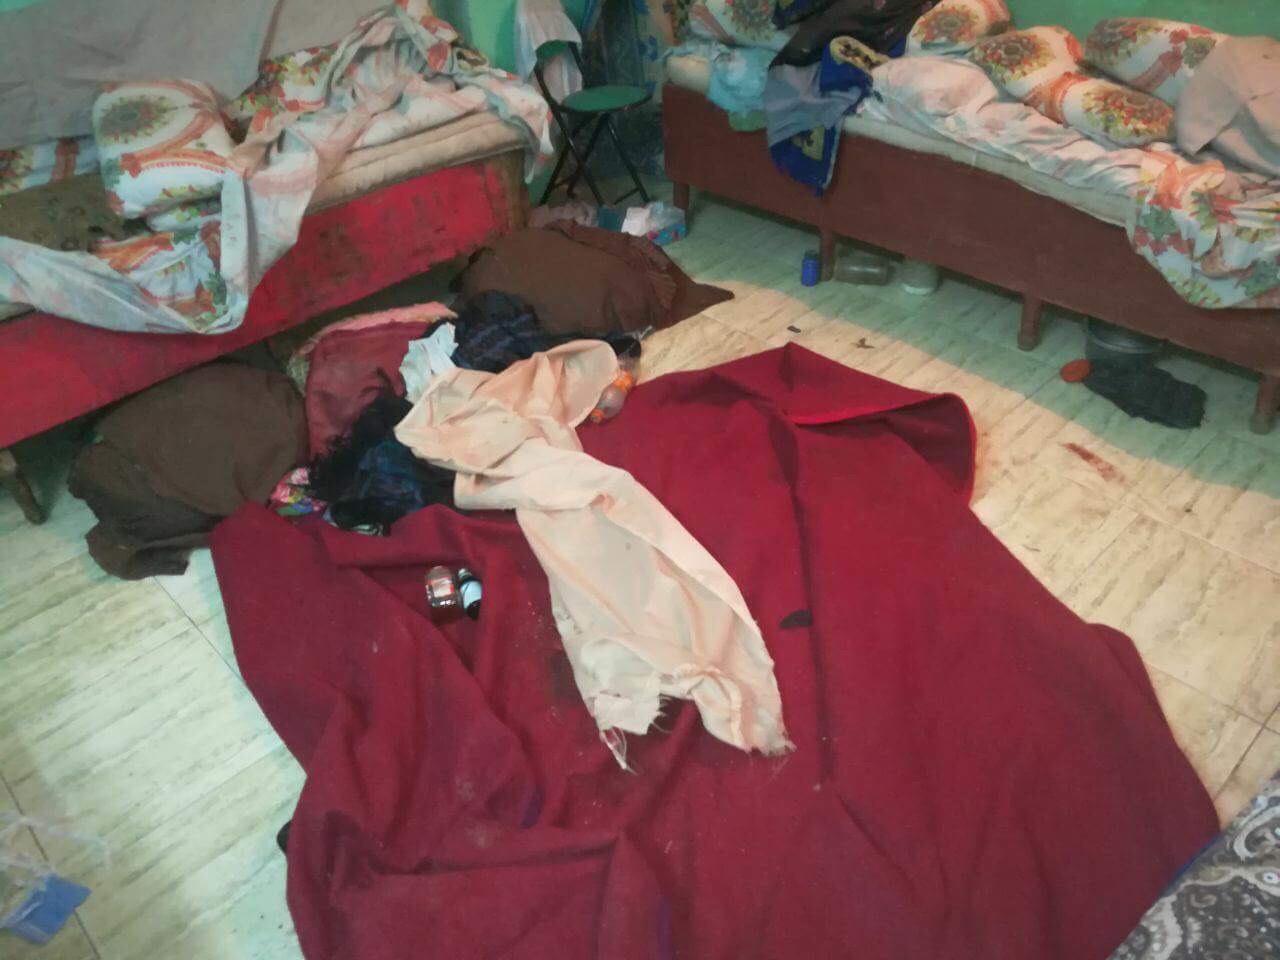 الغرفة التى شهدت الجريمة